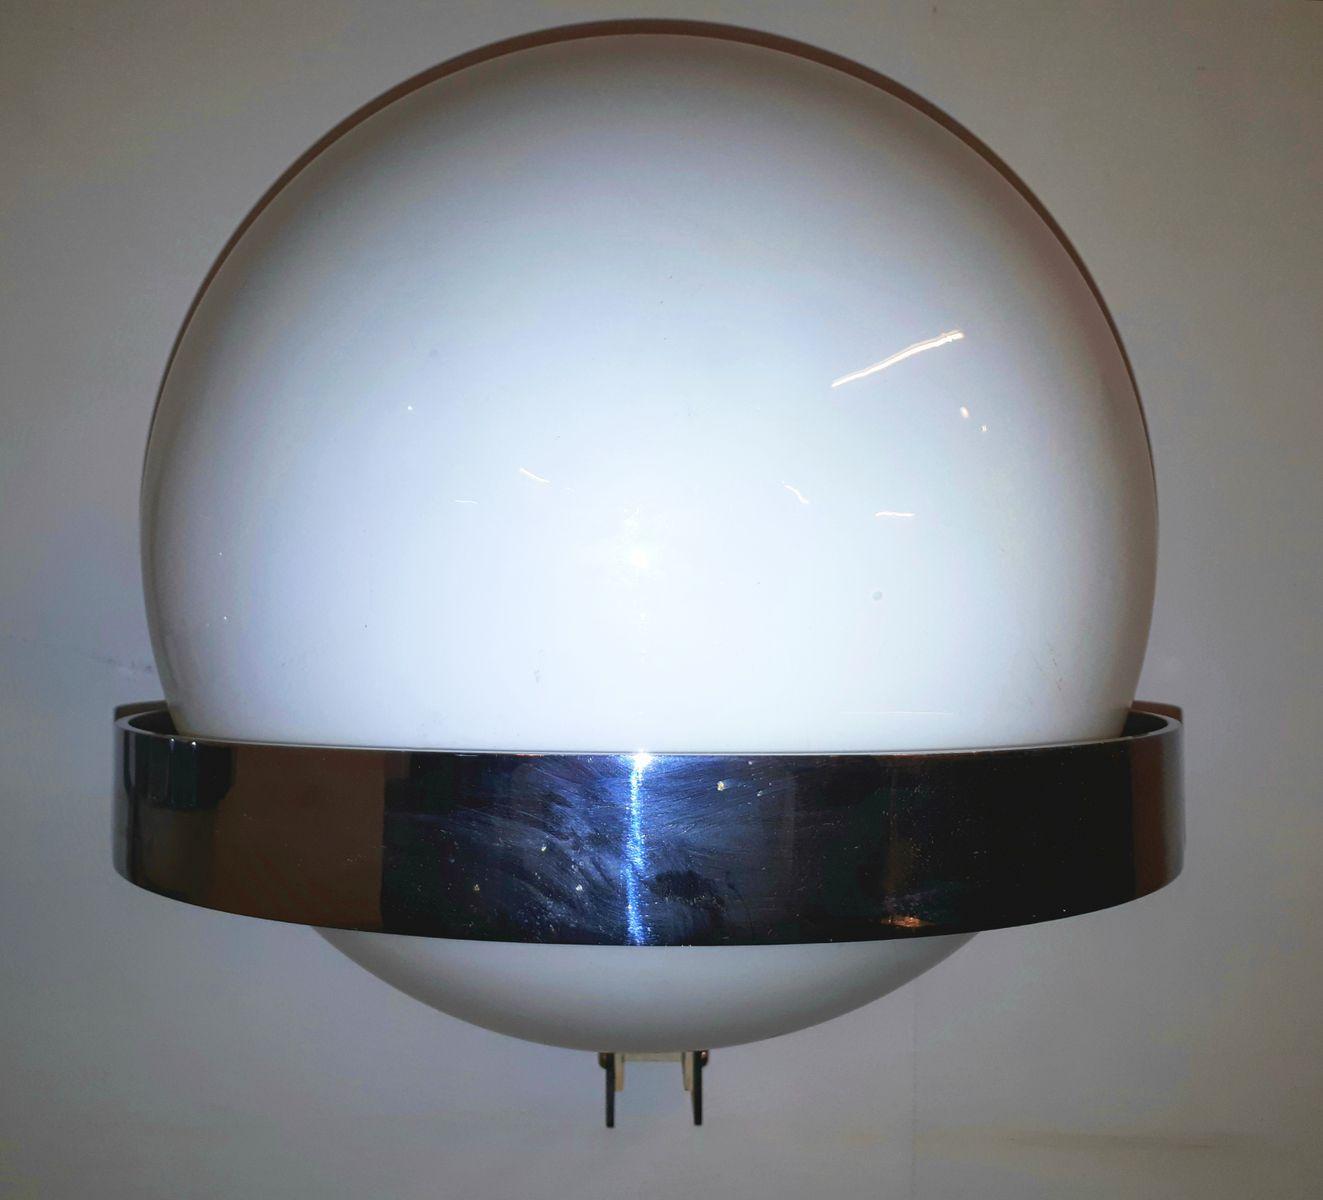 wandlampe mit zuleitung   wandleuchte schlafzimmer höhe